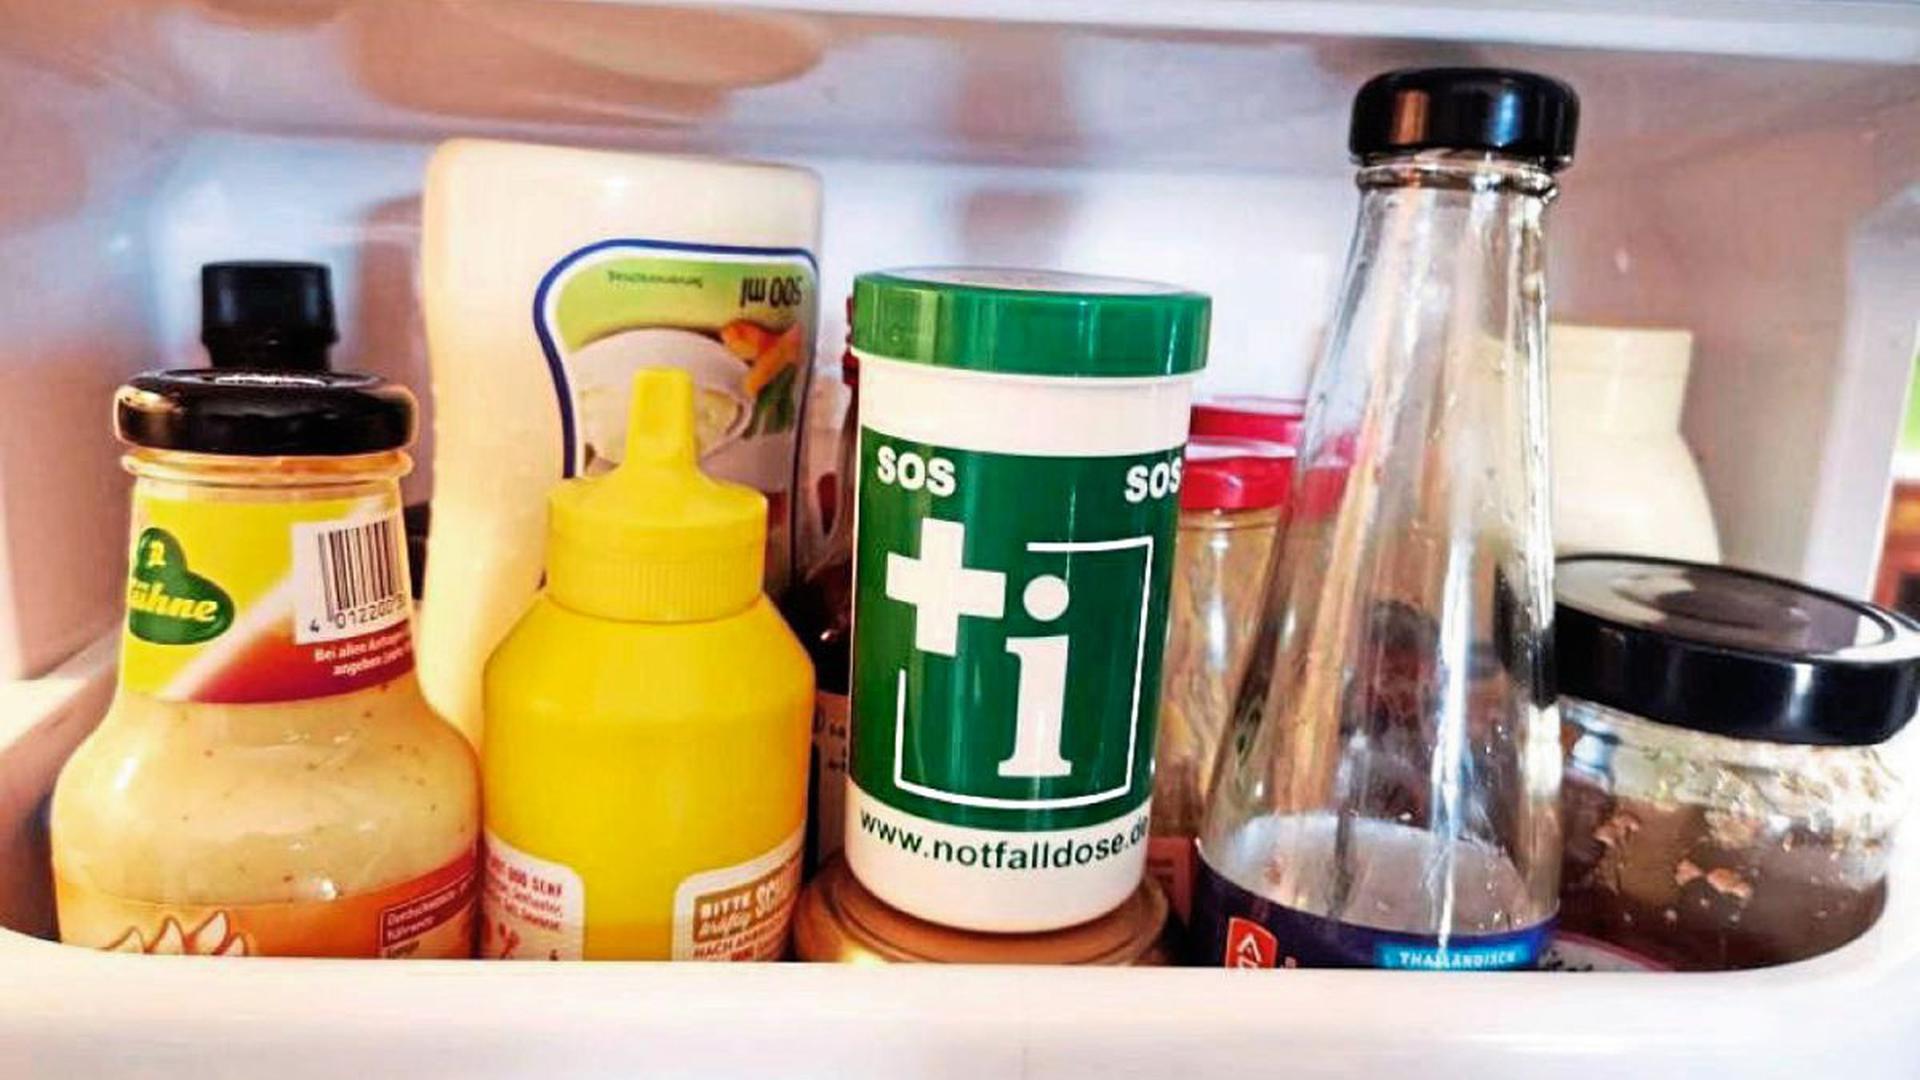 Zwischen Senf und Ketchup: Die Notfalldose sollte am besten in der Kühlschranktür deponiert werden.